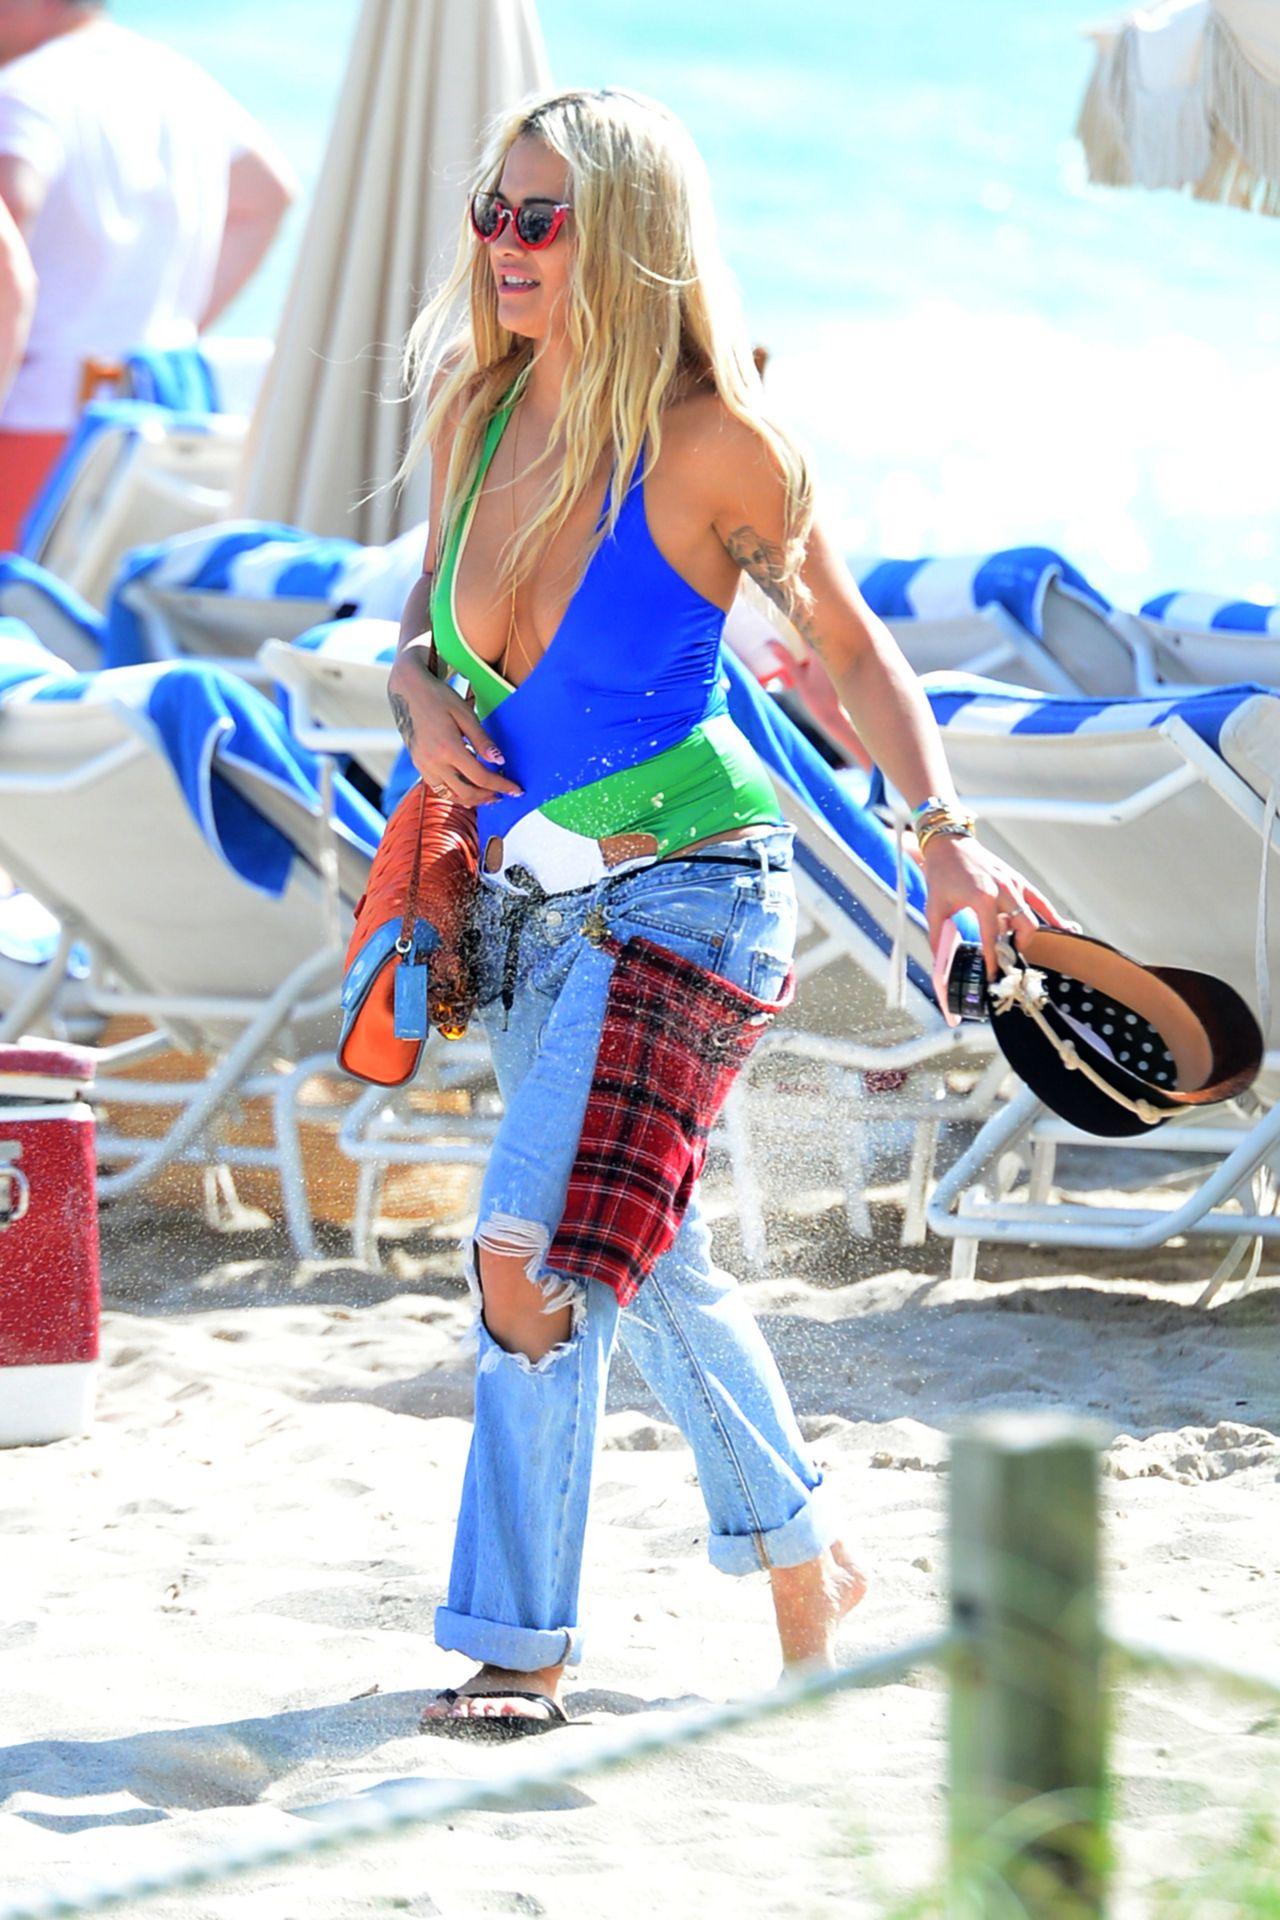 Rita Ora Hot In Swimsuit At A Beach In Miami 12 27 2015